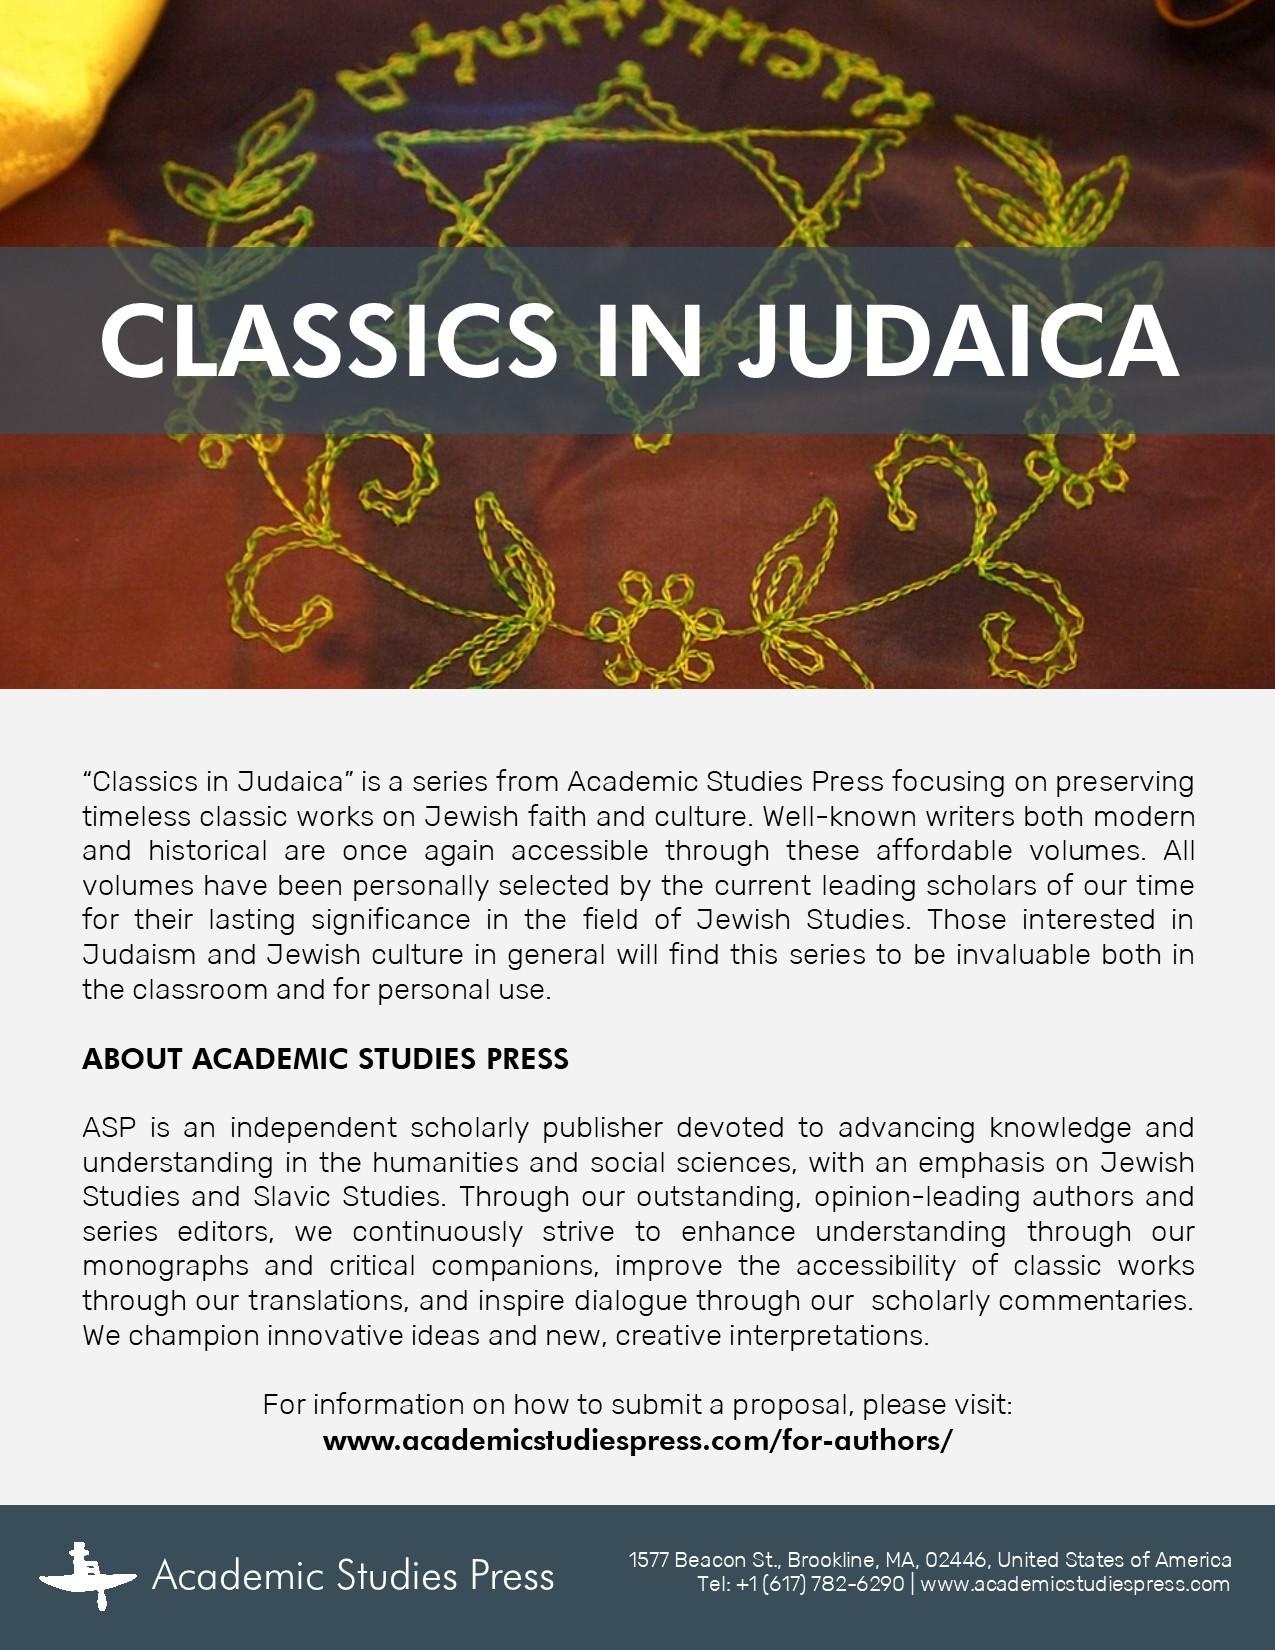 Download Series Flyer